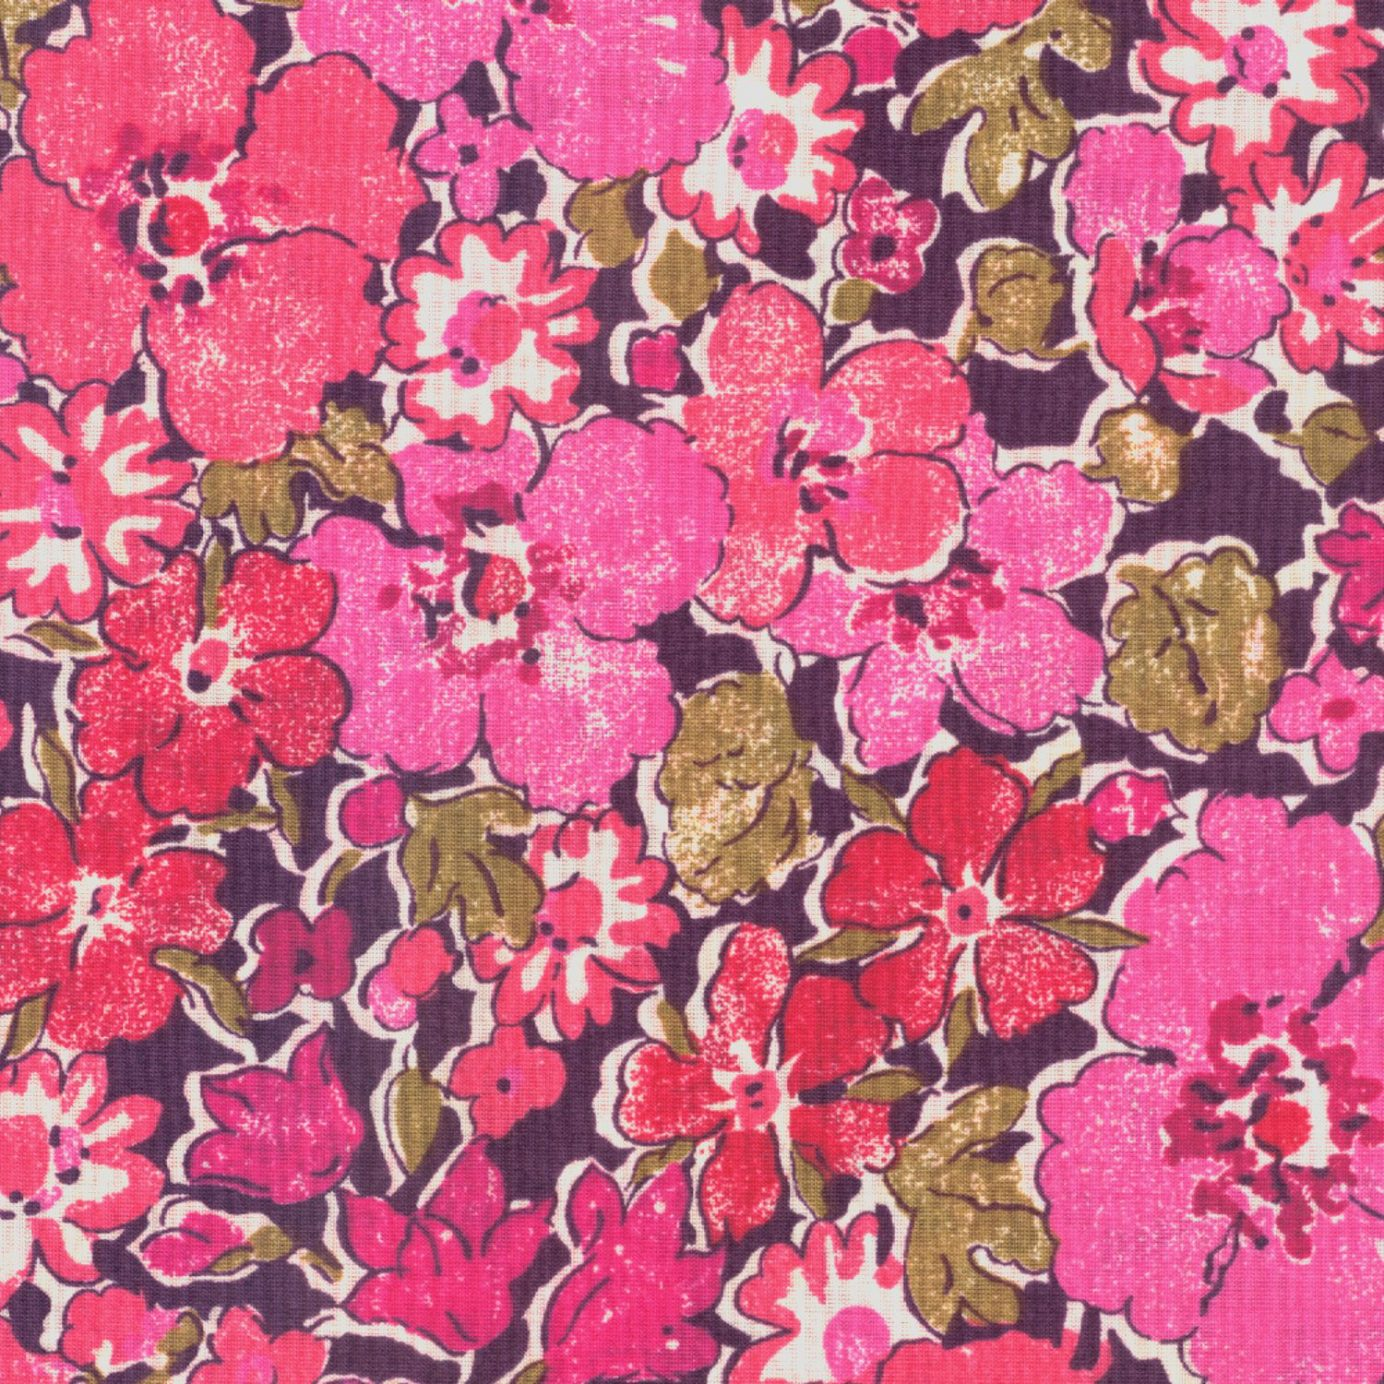 liberty-tana-lawn-fabric-gemma-d